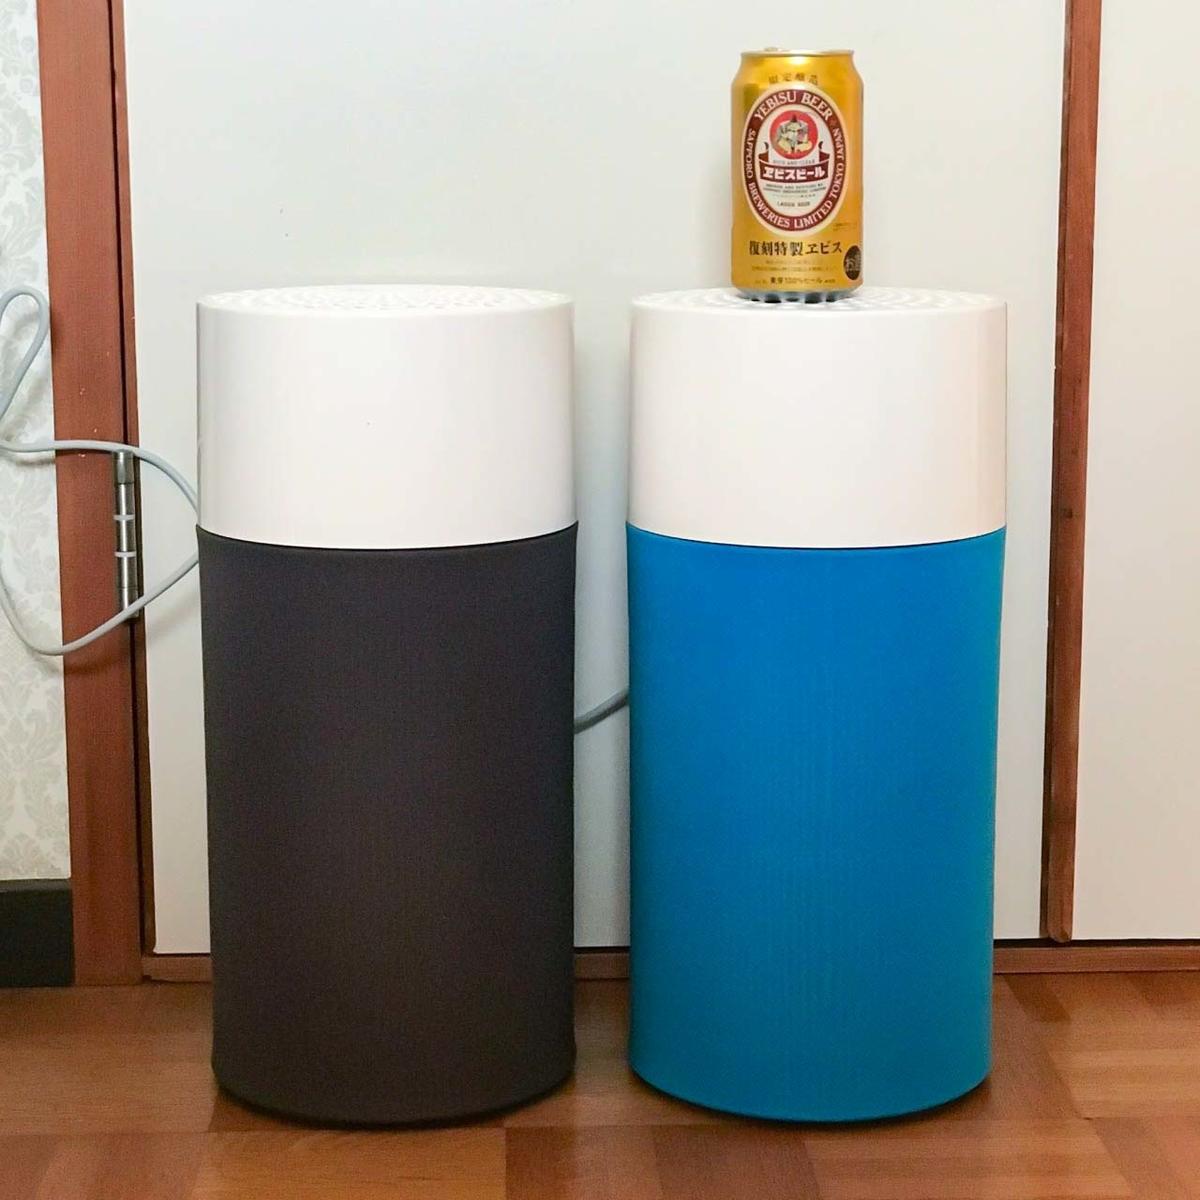 ビール缶との大きさ比較